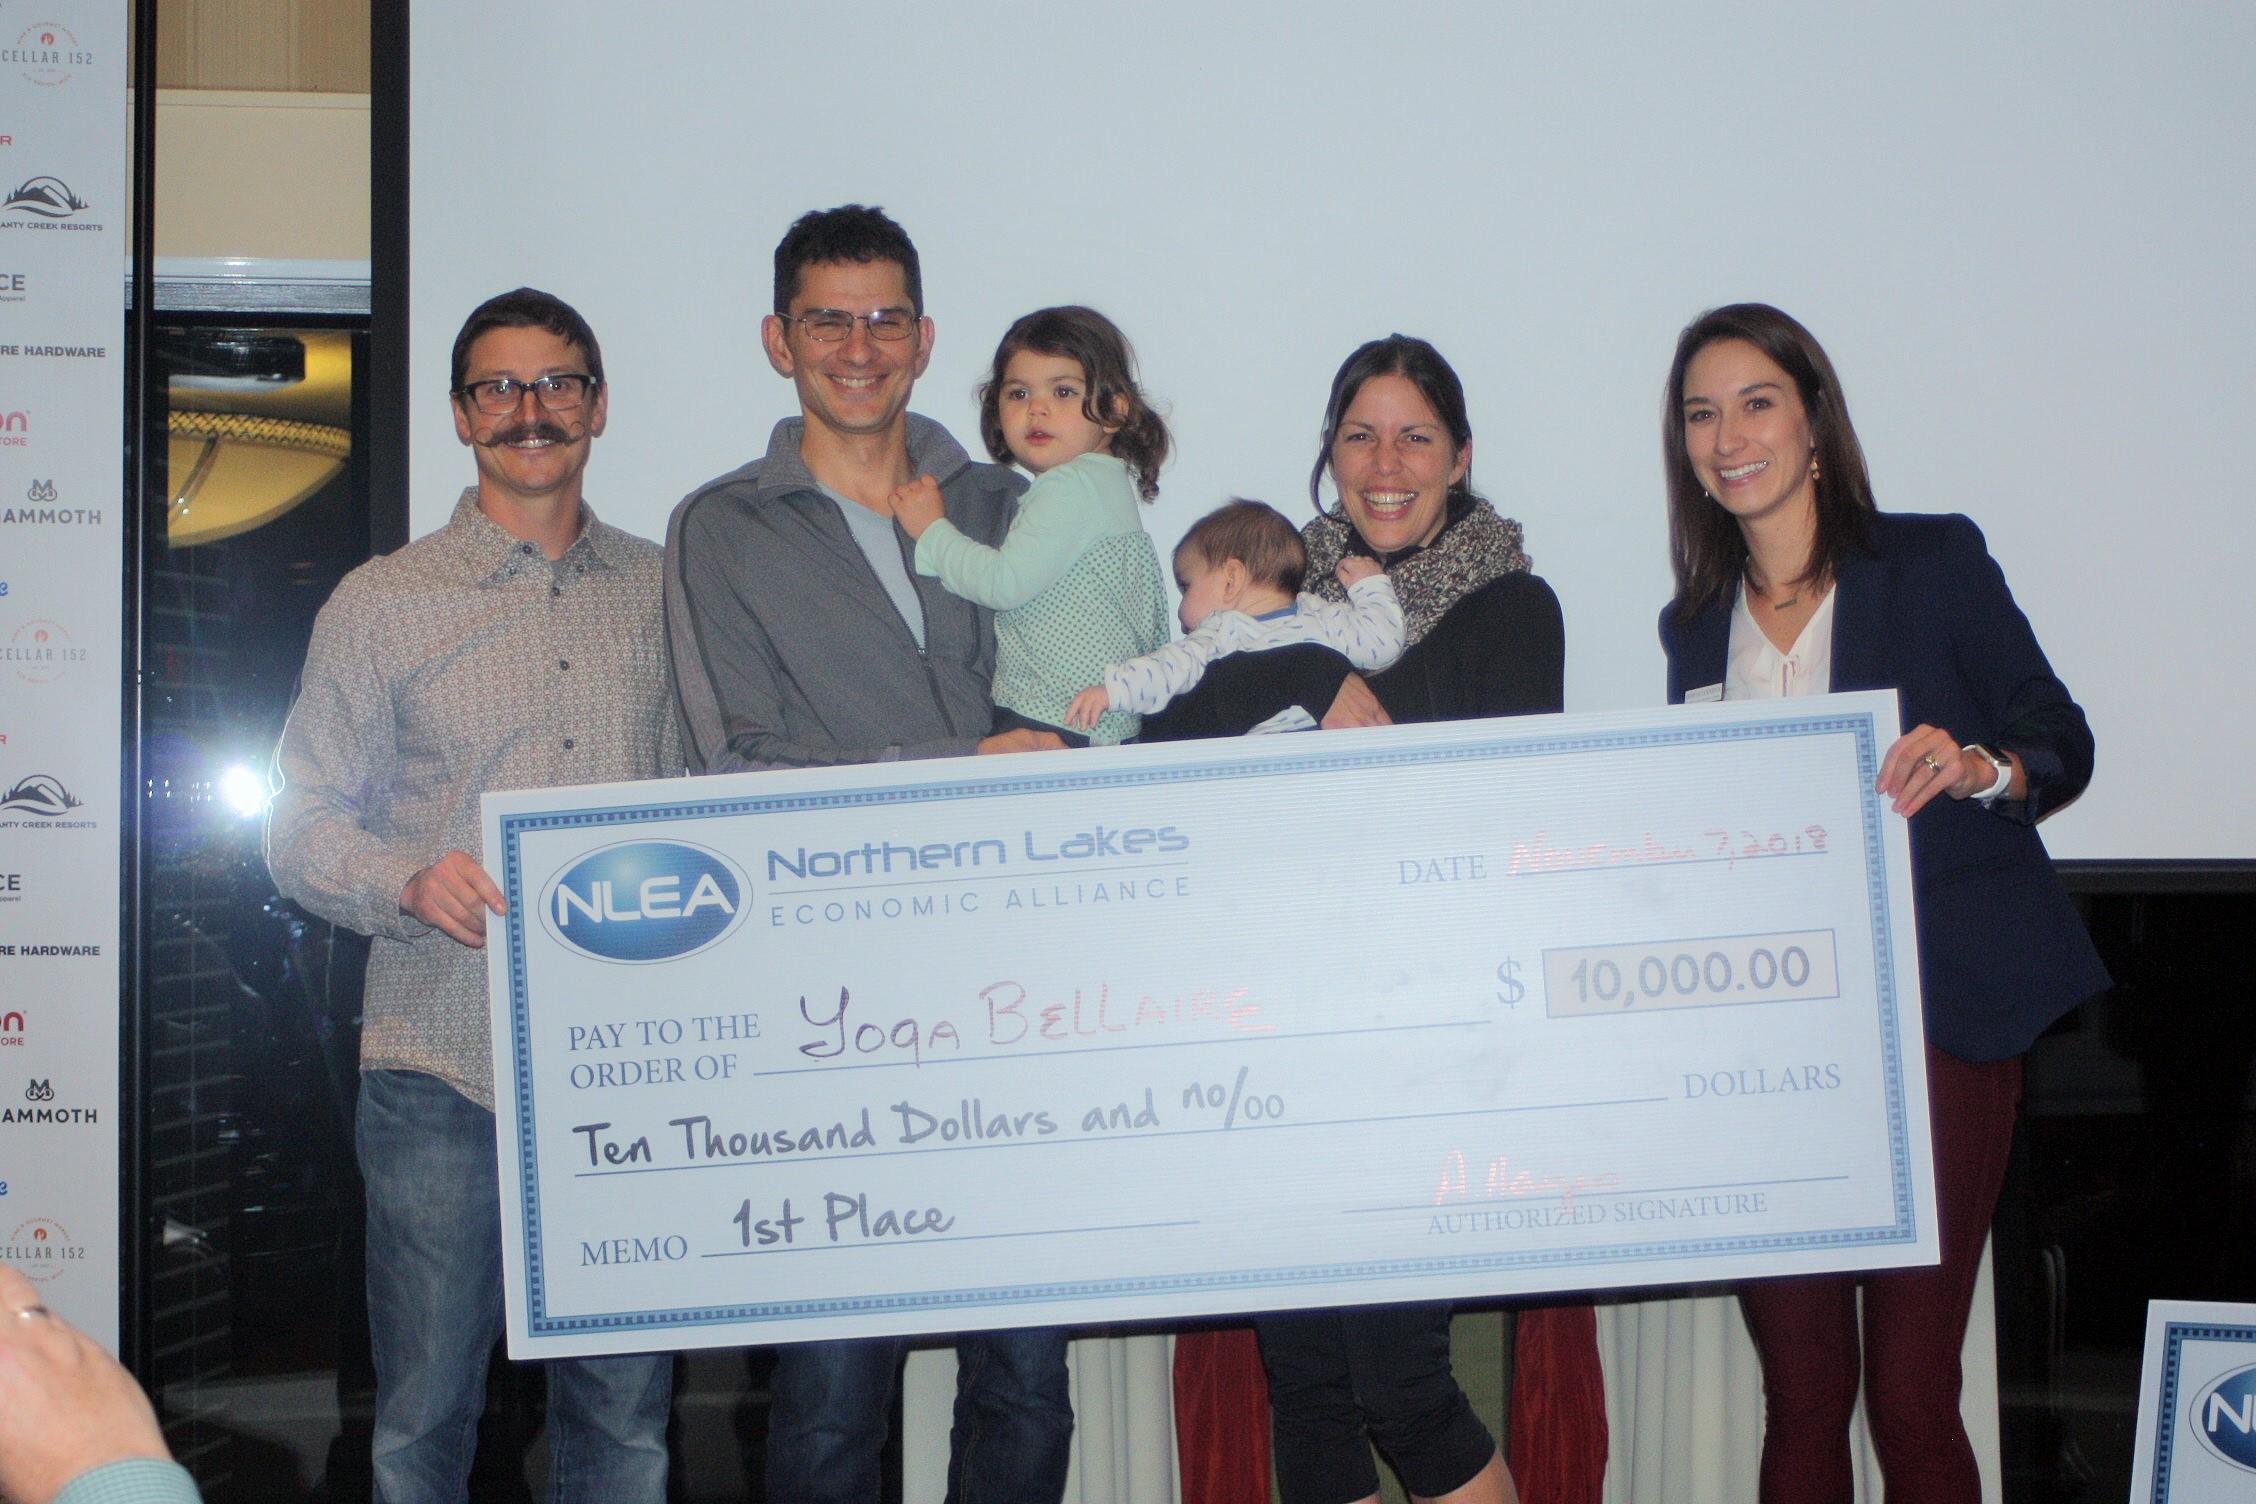 1st Place $10,000 - Rebecca Rankin, Yoga Bellaire